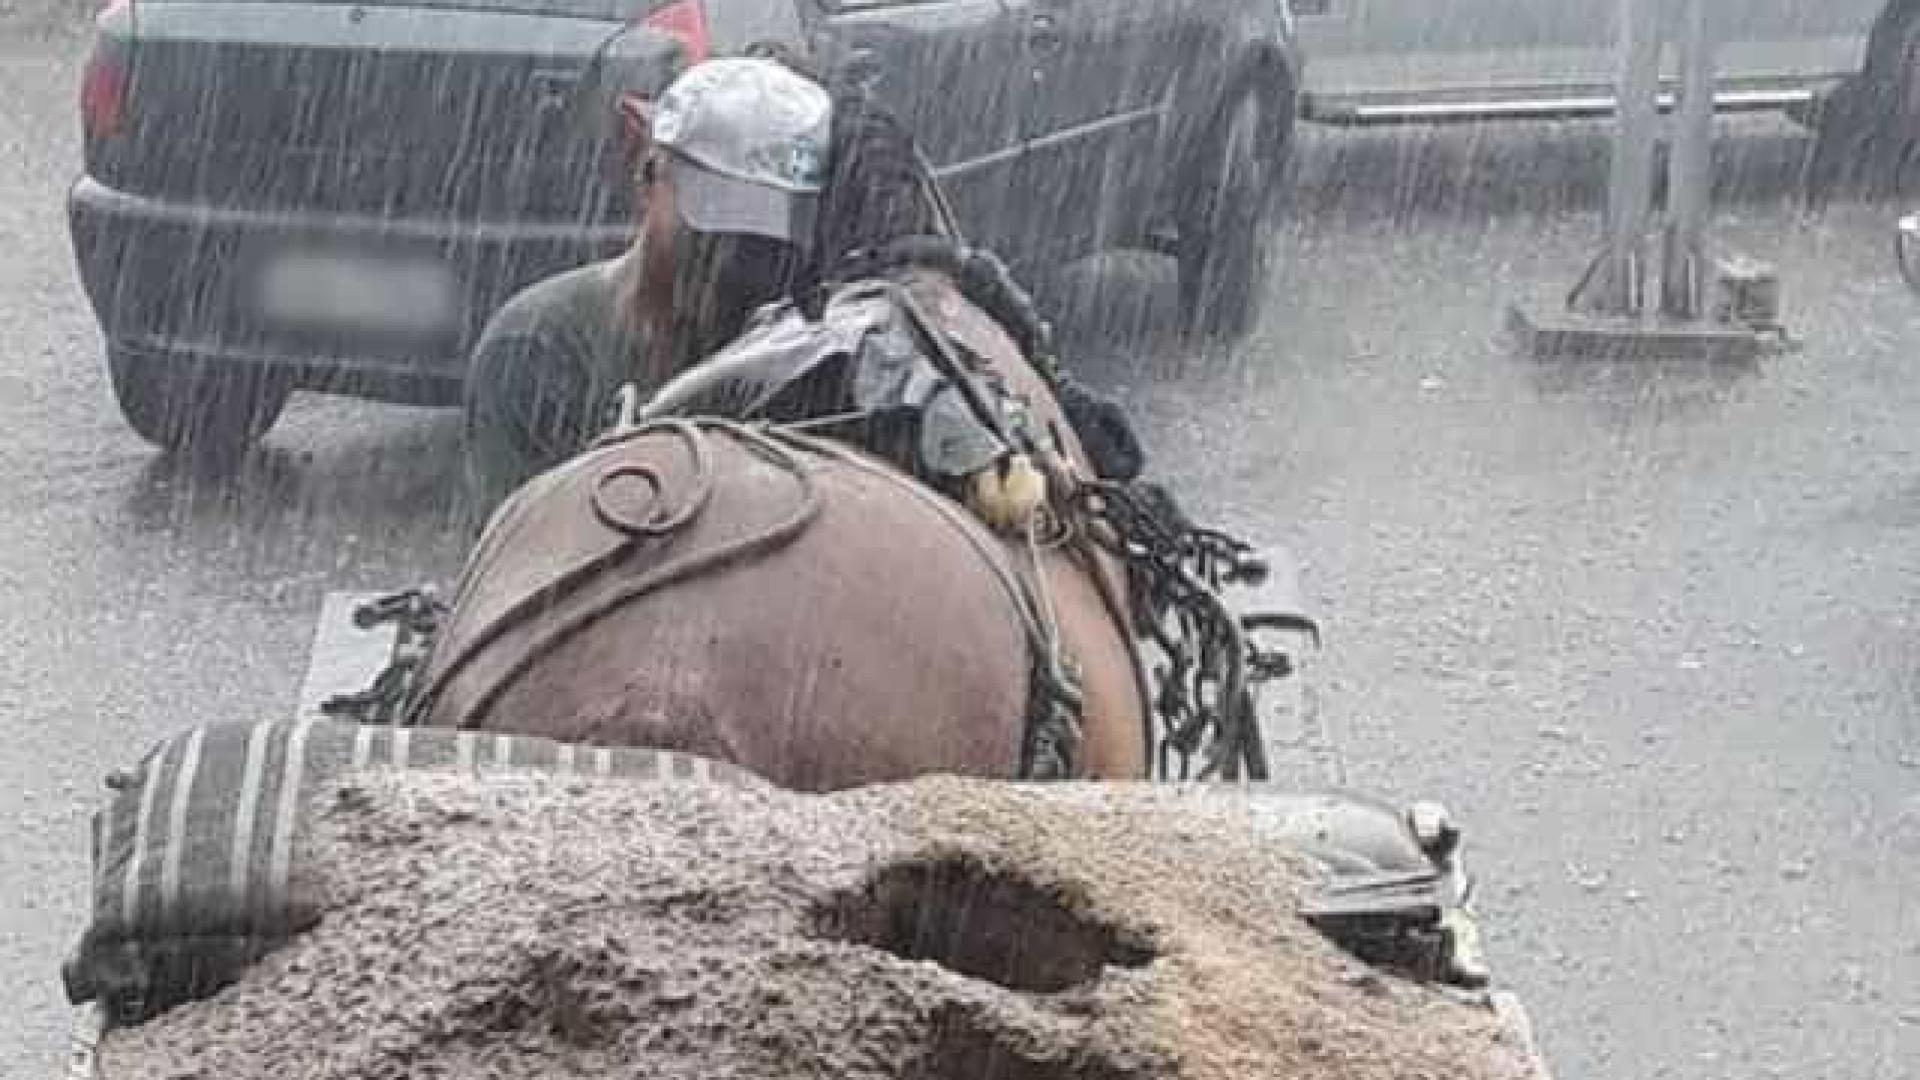 Homem protege cavalo na chuva e viraliza: 'Meu melhor amigo'